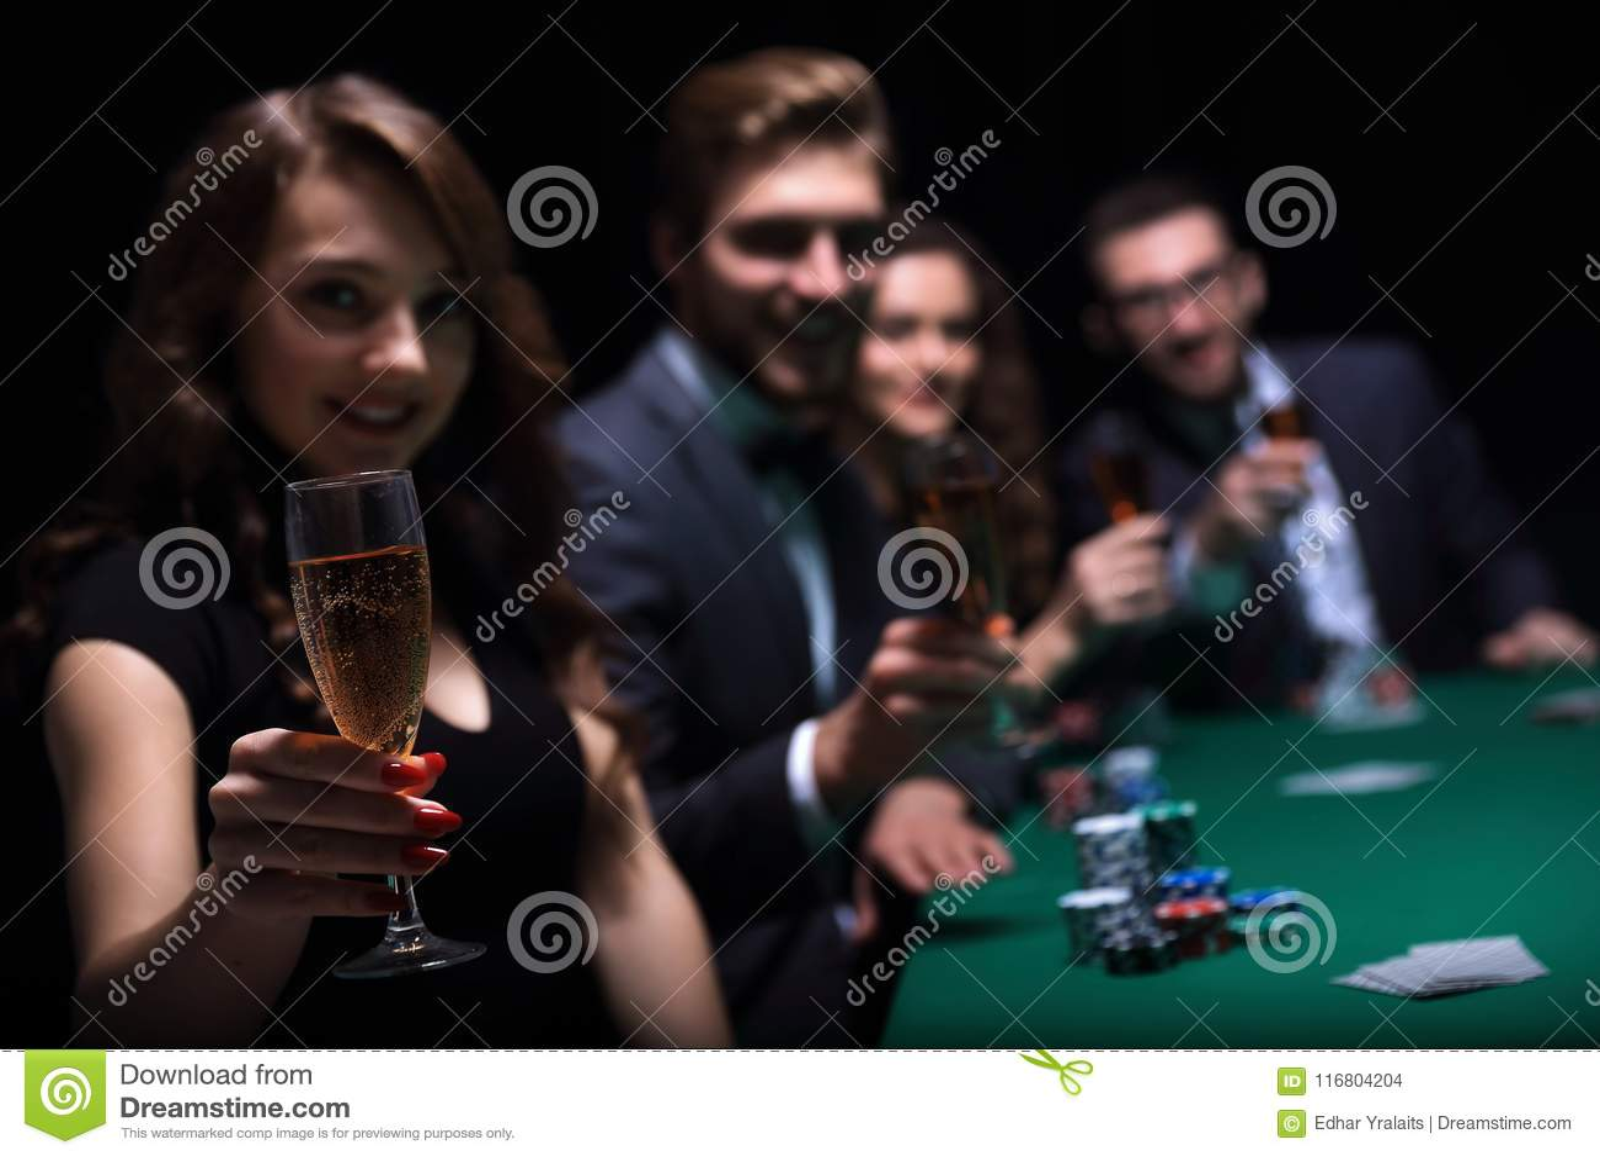 Adatti la donna con i bicchieri di vino, sedentesi ad una tavola in un casinò